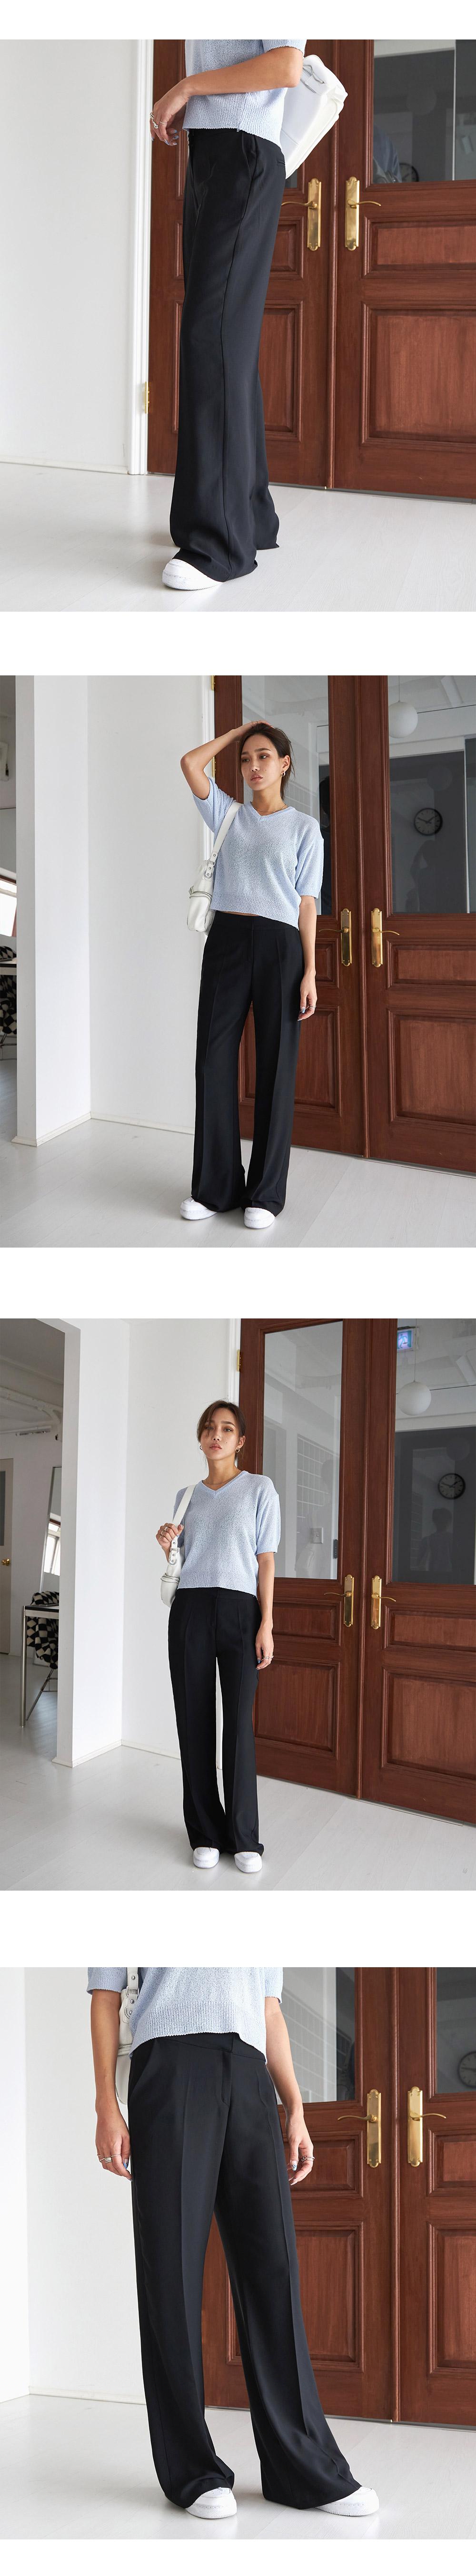 Flared long slacks